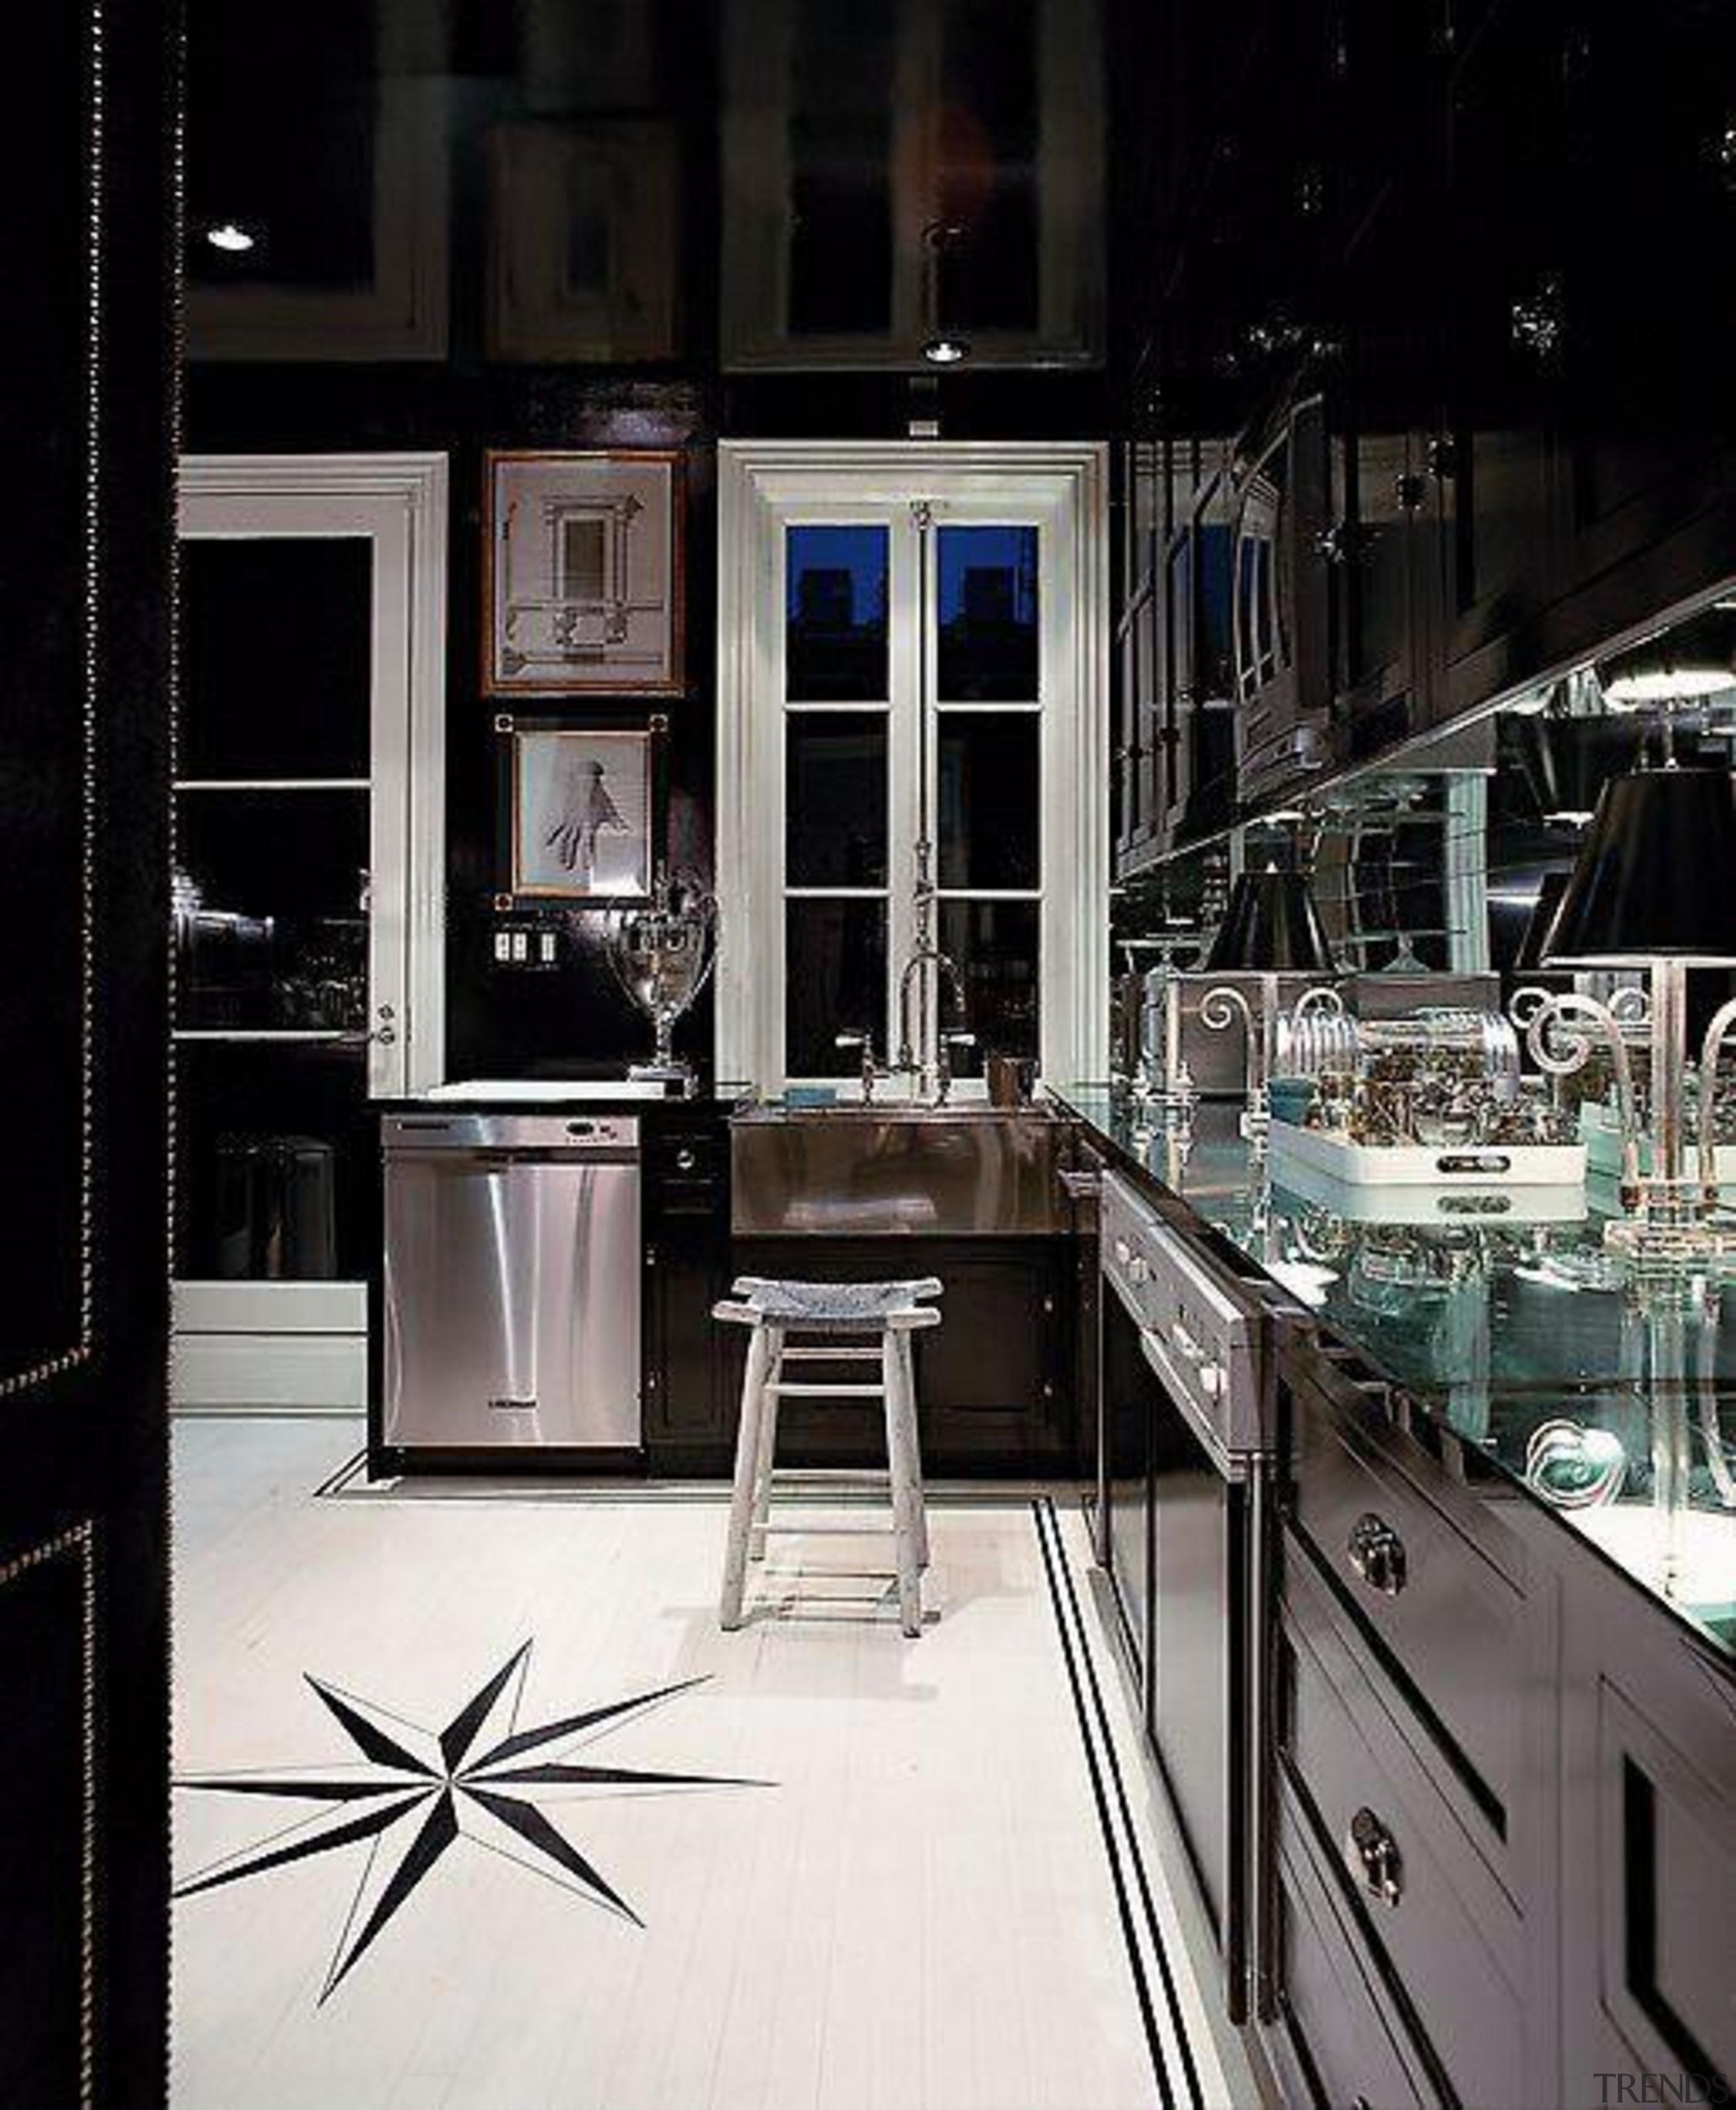 with northern star tiles - Black Kitchen - countertop, interior design, kitchen, black